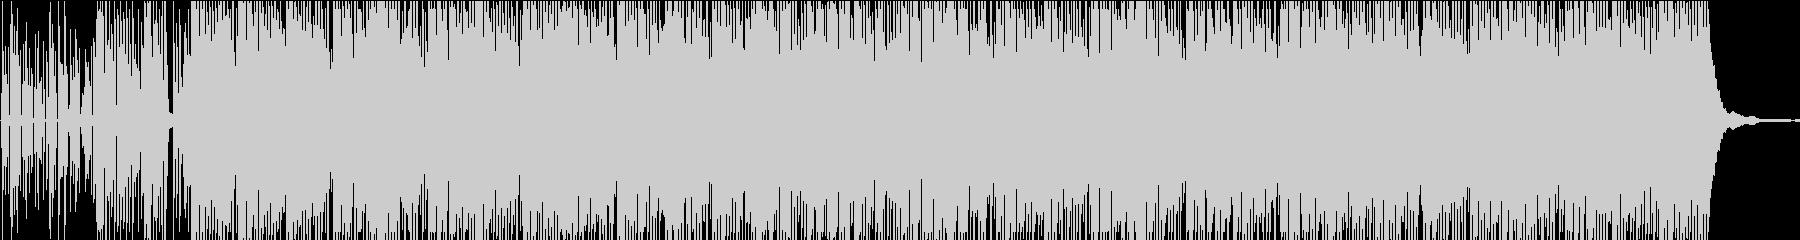 インディーズ ロック ポップ 民謡...の未再生の波形